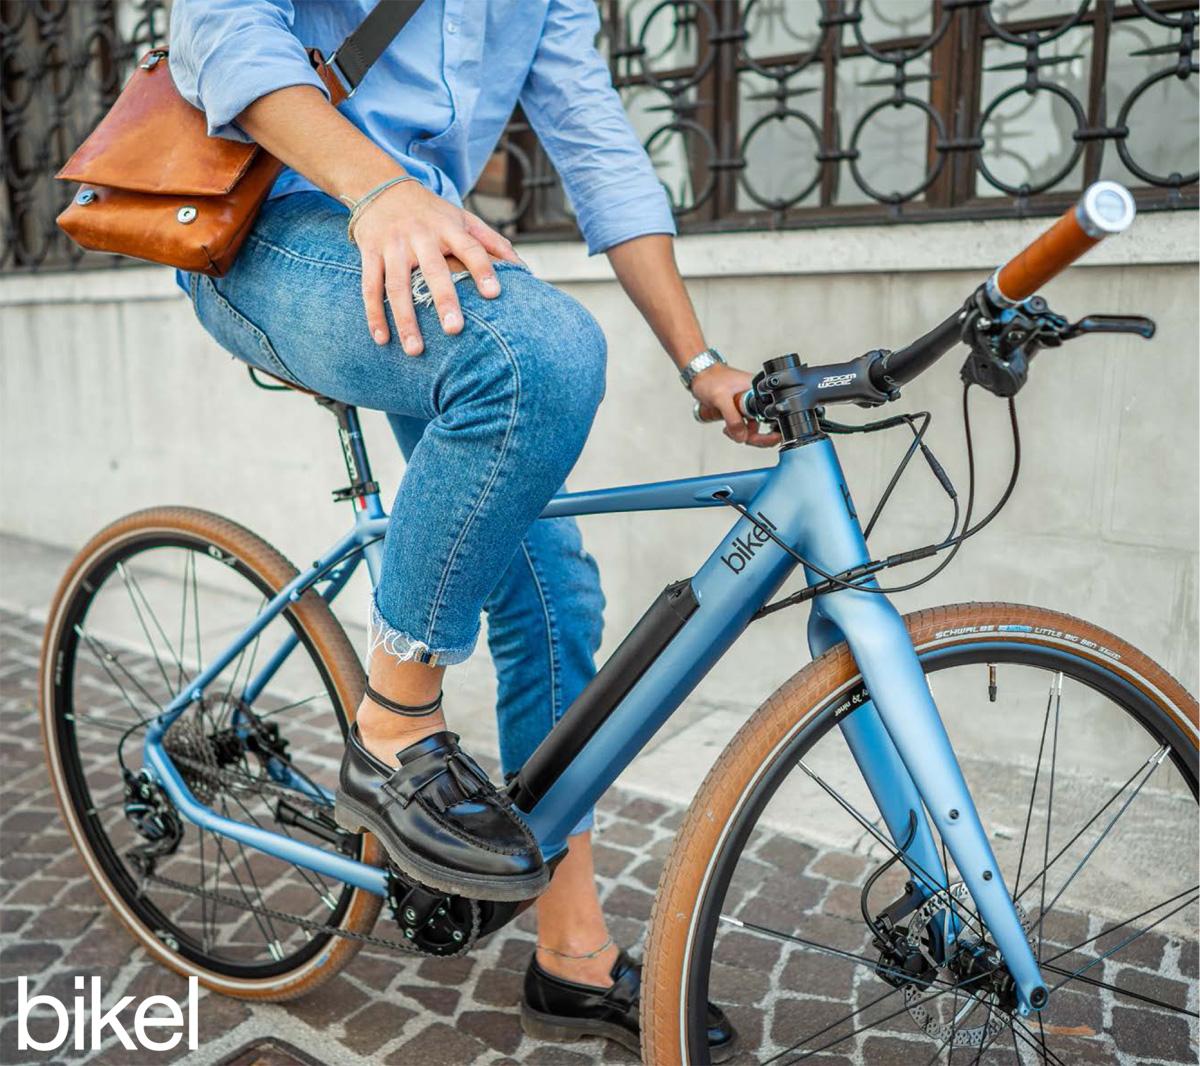 Una bici elettrica da passeggio Bikel Urban+ 2020 con motore Polini E-P3